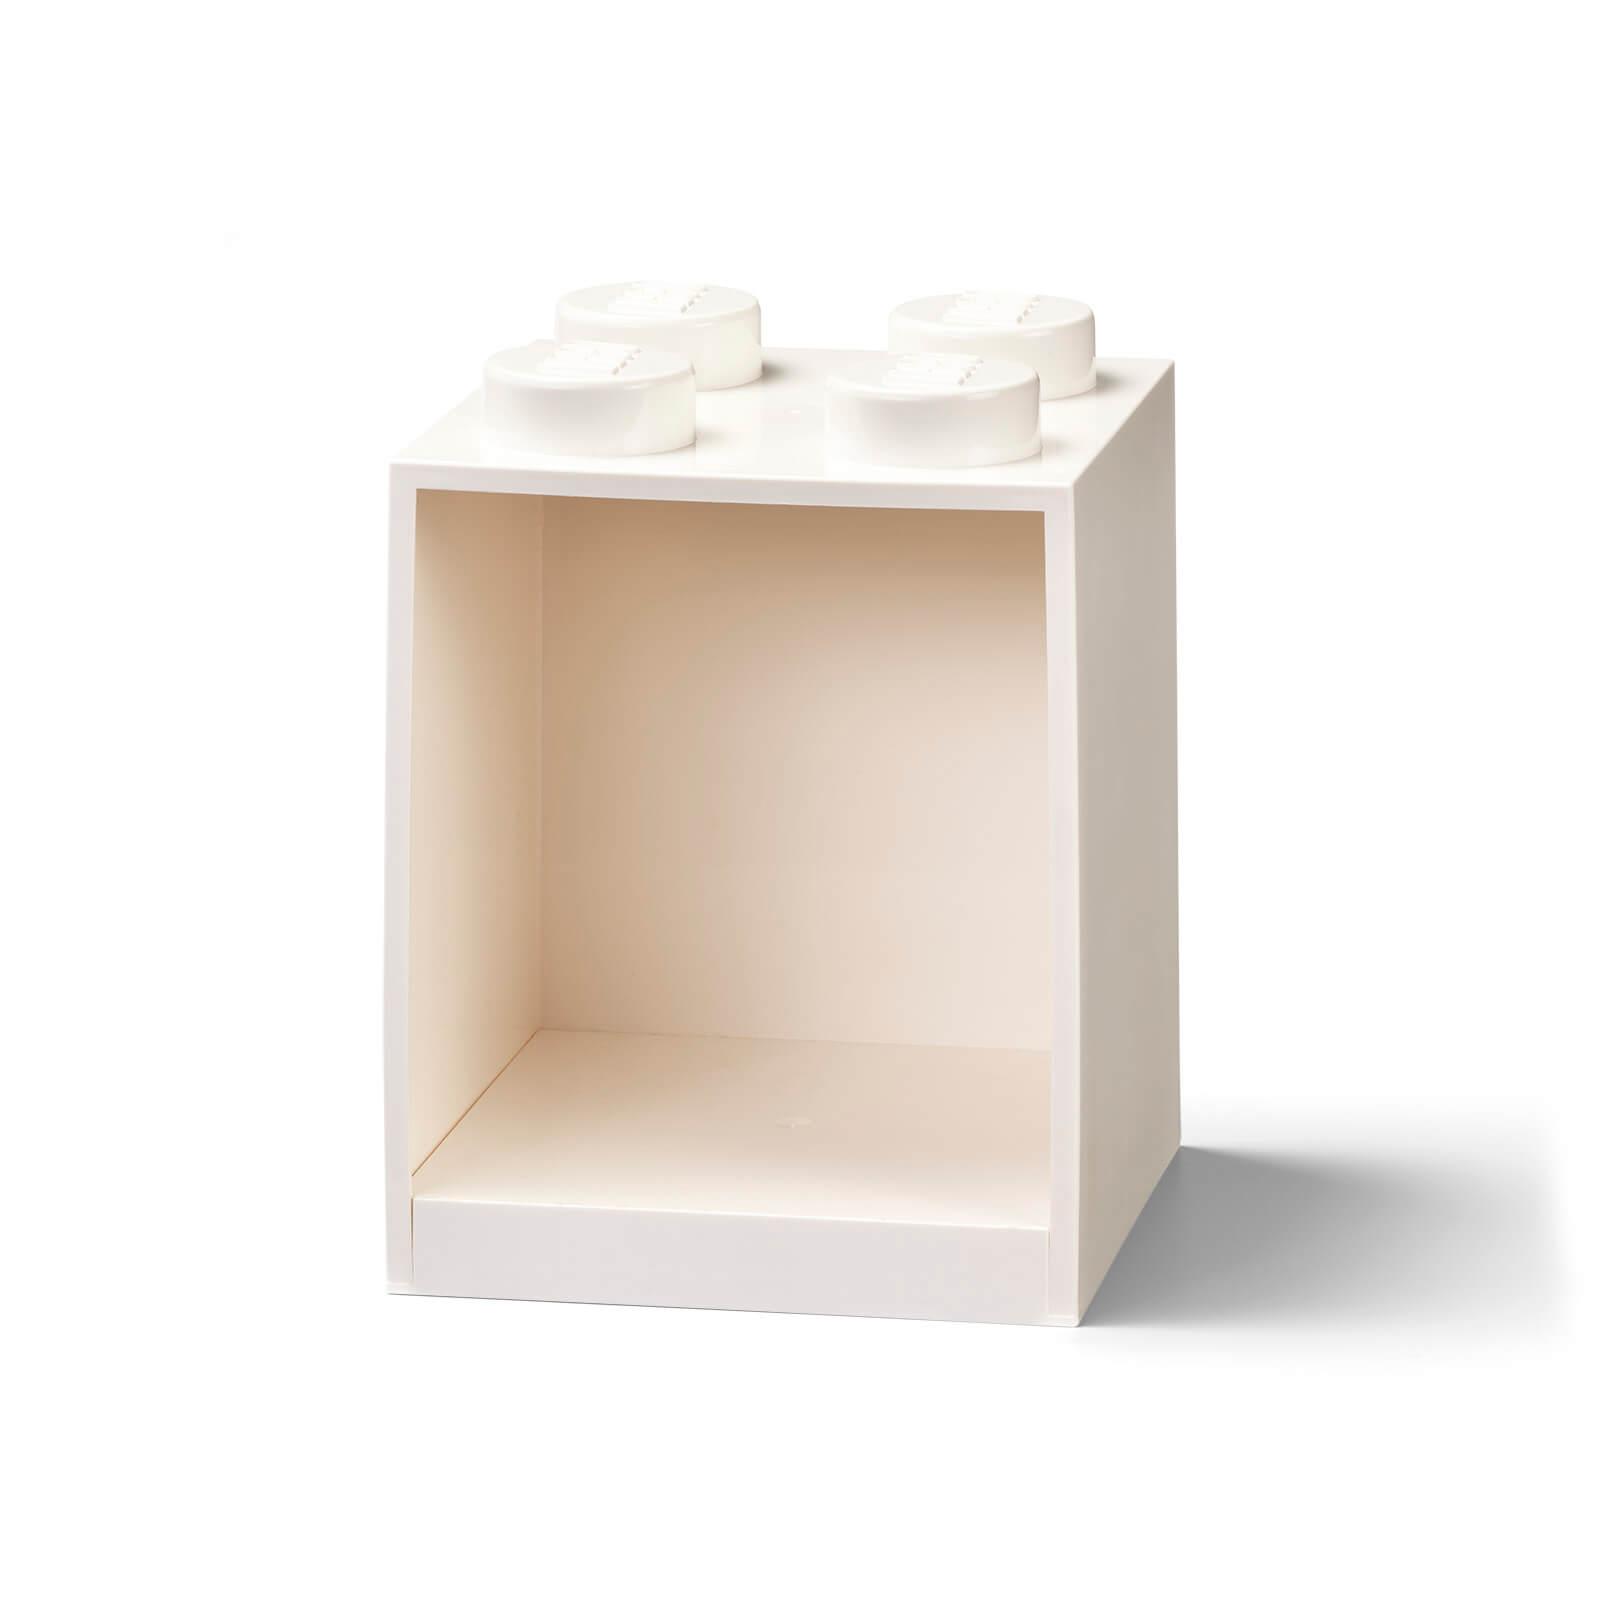 Image of LEGO Storage Brick Shelf 4 - White